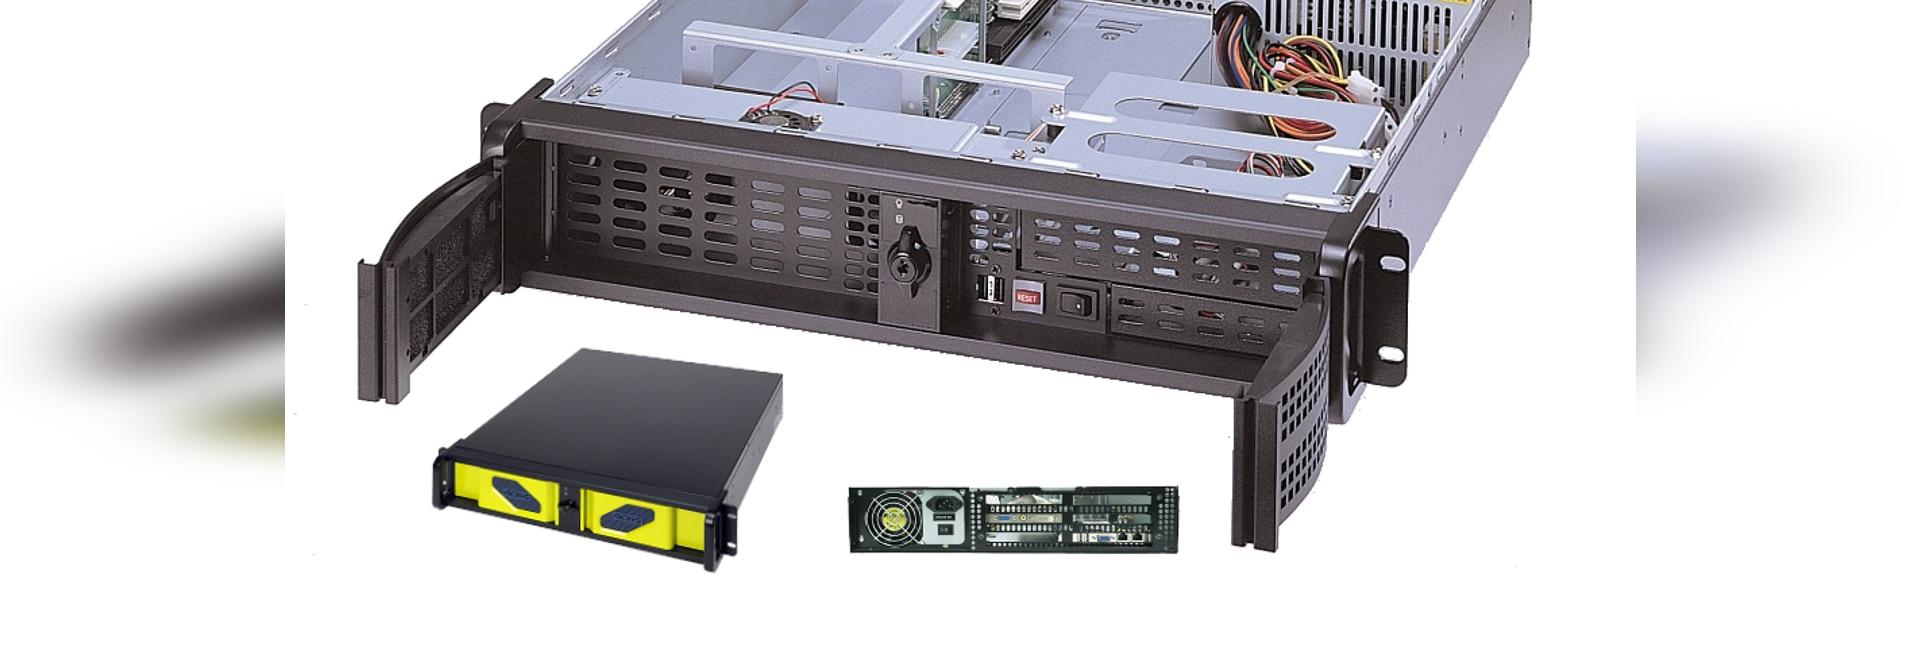 """Châssis Rackmount d'AICSYS Inc. 2U pour l'ordinateur monocarte avec (1) 5,25"""" et (2) 3,5"""" Baies Lecteur, fente de 4 PCI. La carte mère de SHB de PICMG 1,0 ou 1,3 soutient l'alimentation d'énergie d..."""